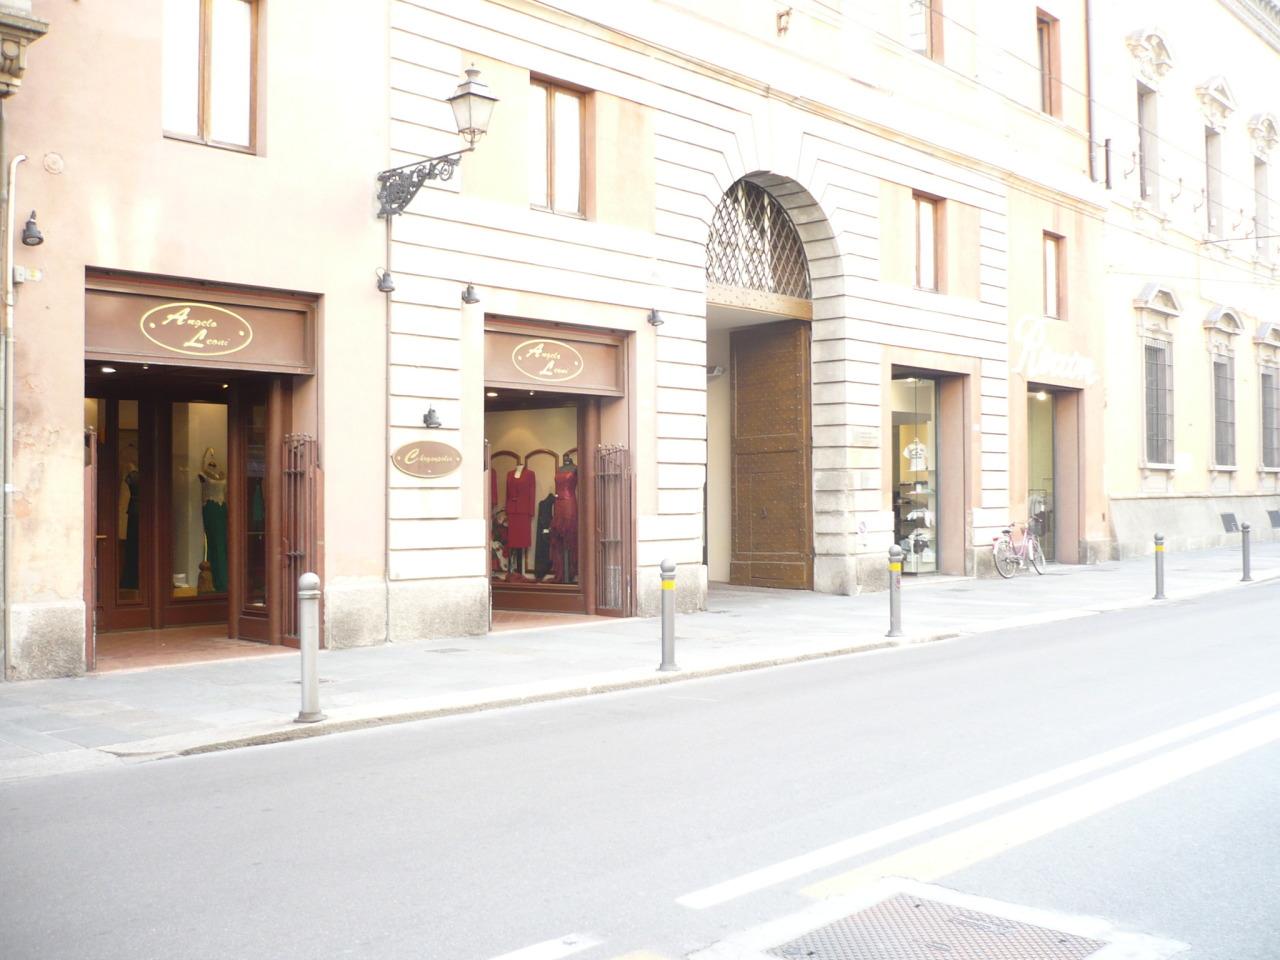 Negozio / Locale in affitto a Parma, 1 locali, prezzo € 1.600 | Cambio Casa.it